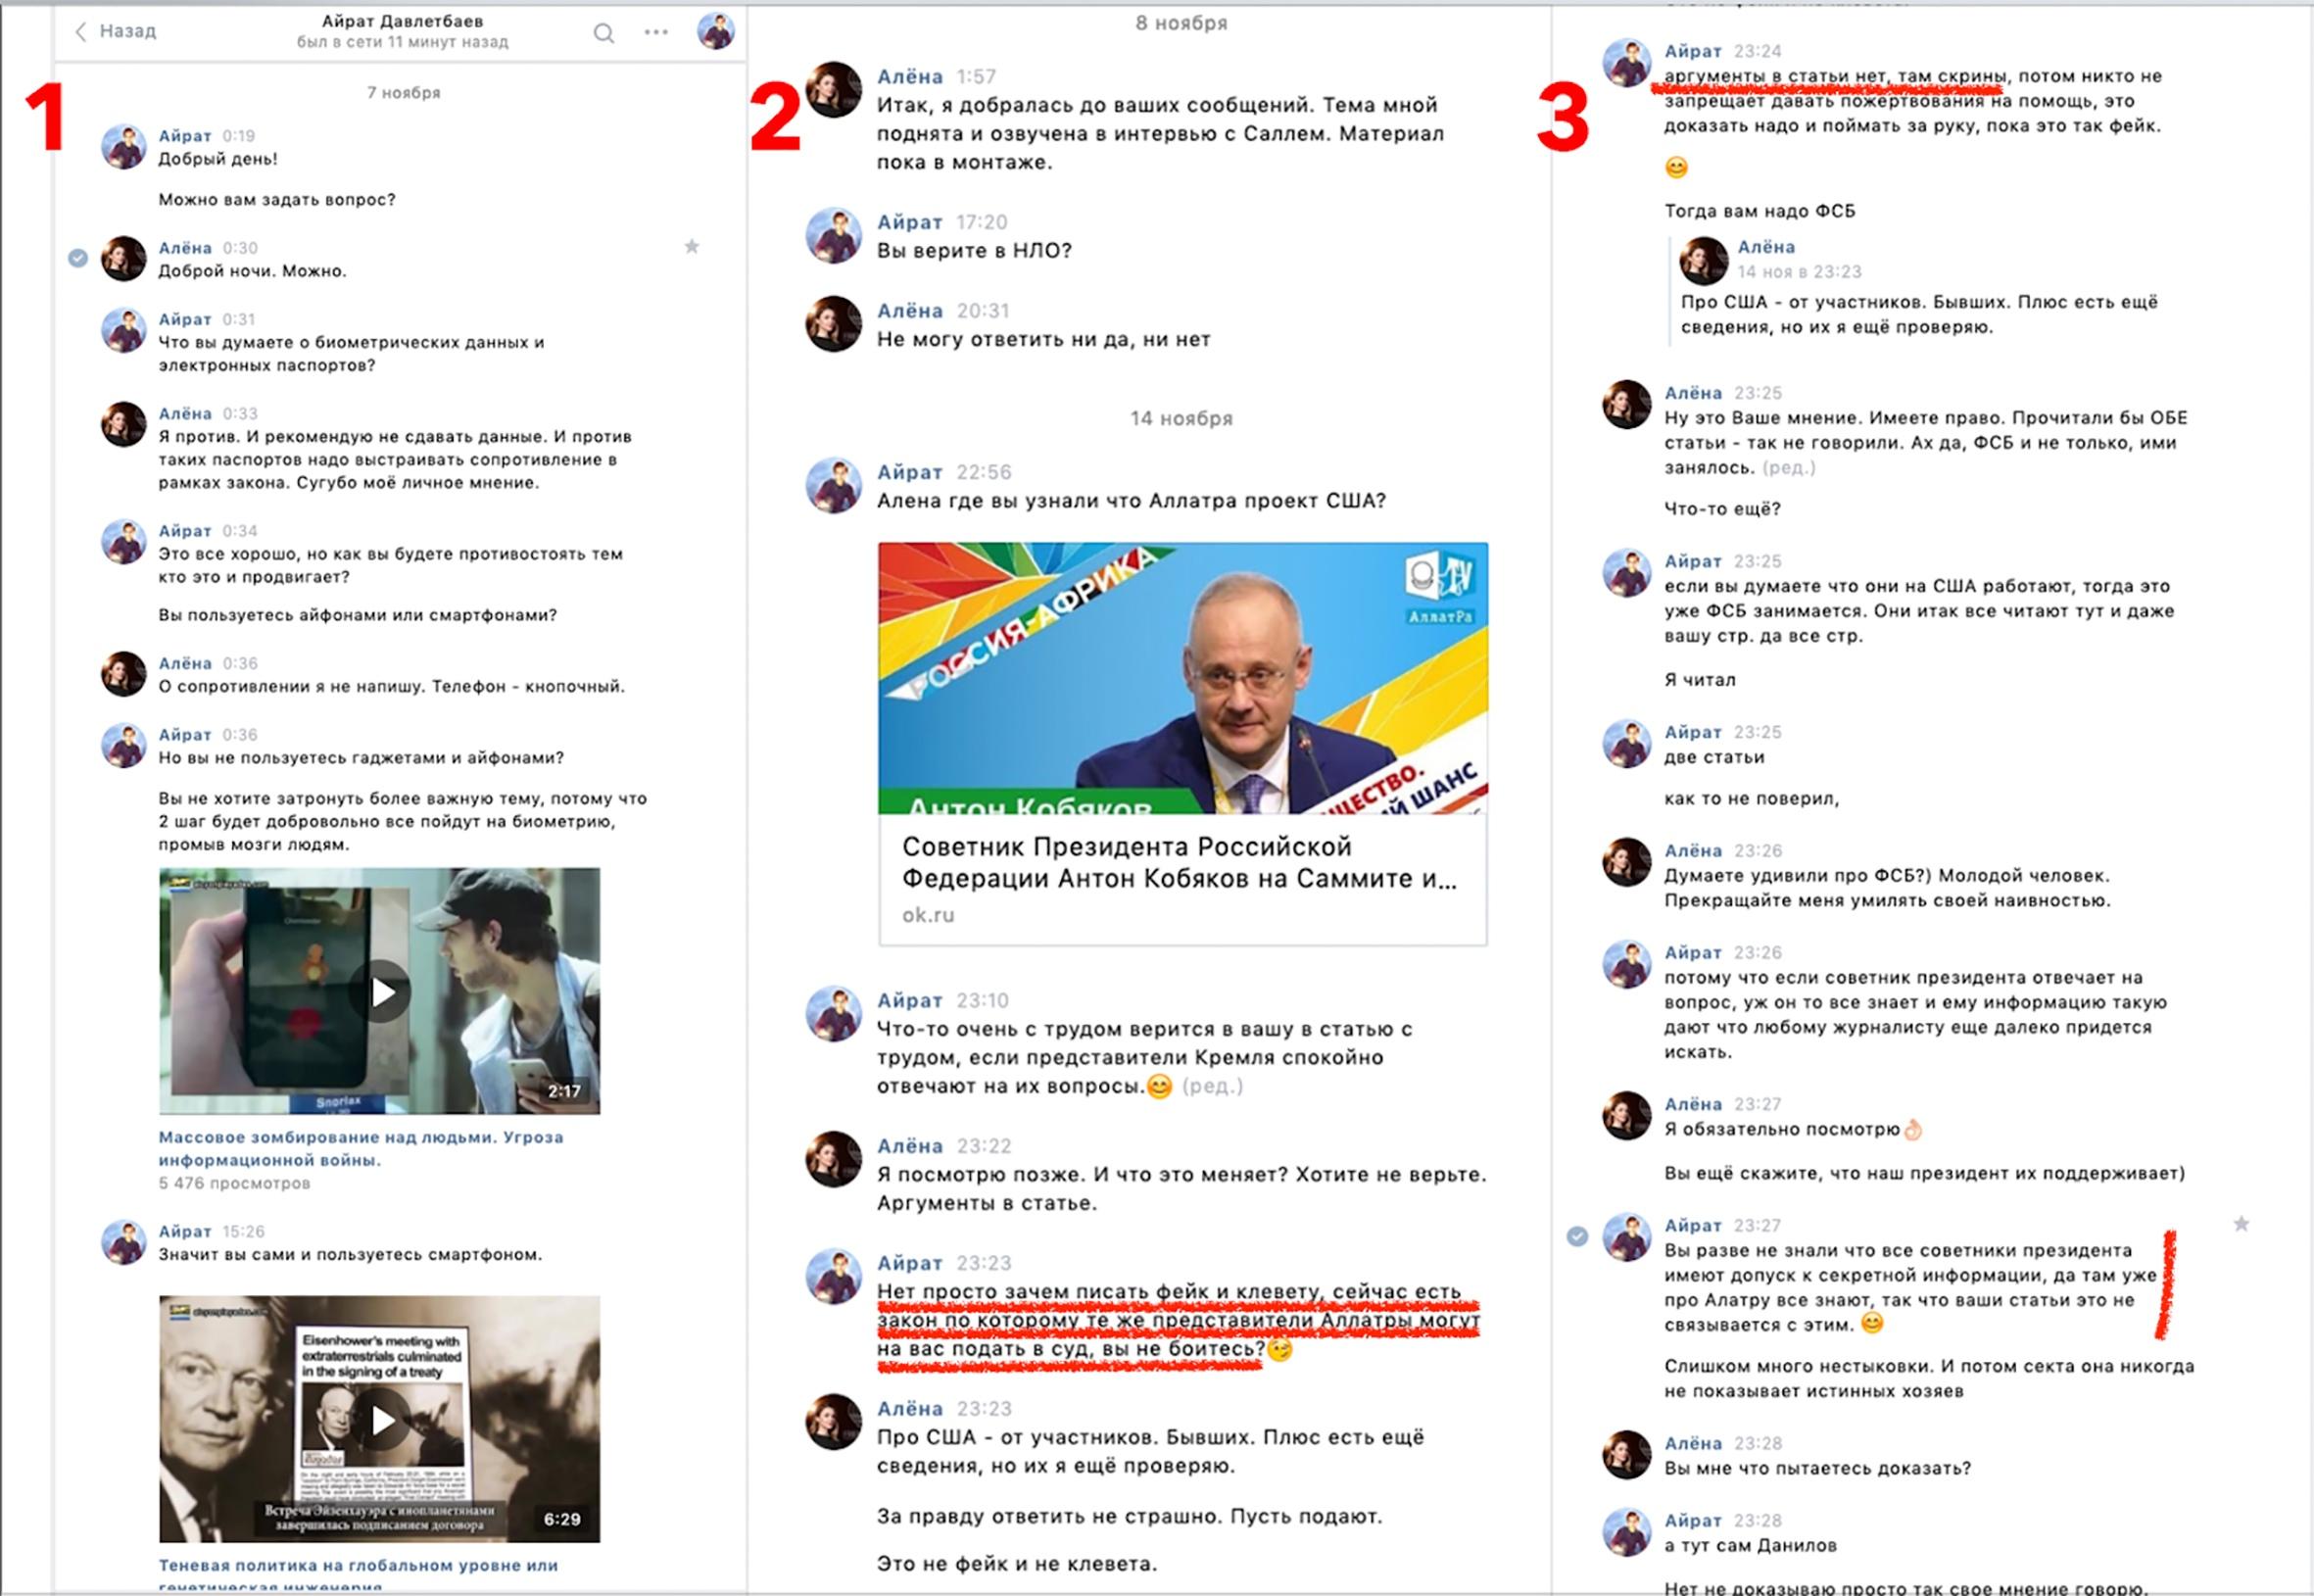 МОД «АллатРа». Часть 3. Миссия «Президент РФ» или инструмент манипуляции доверием, изображение №32